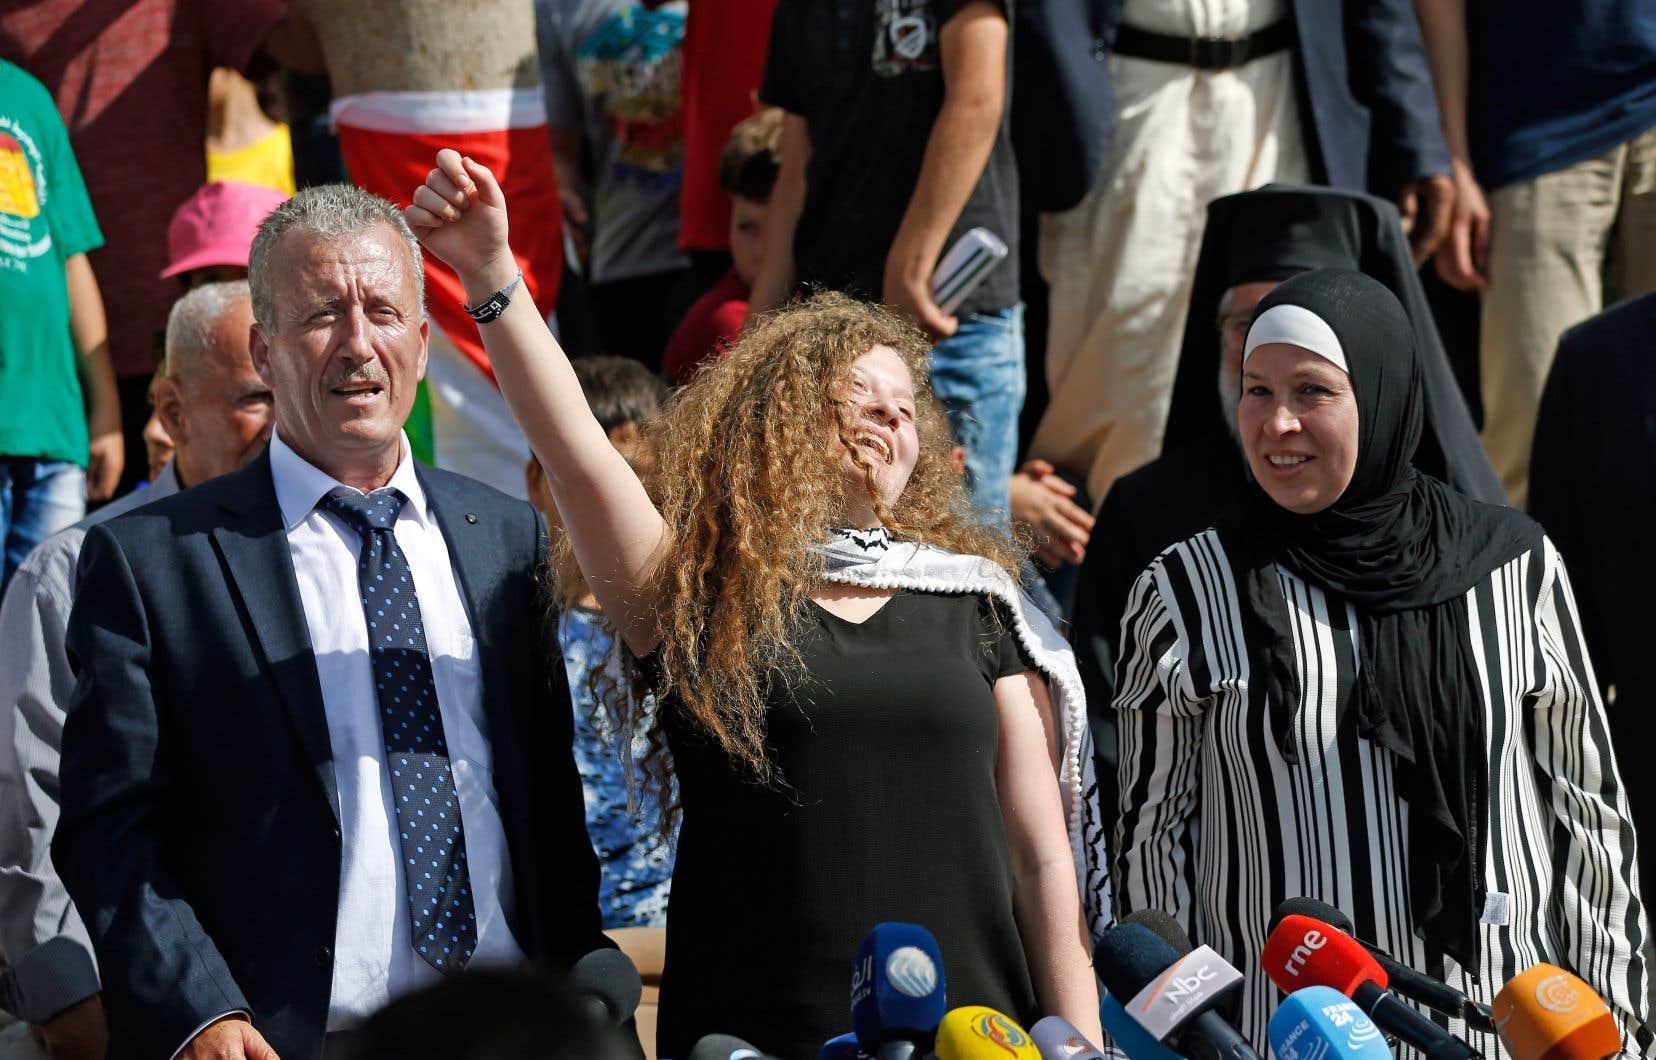 Entourée de ses parents, la militante palestinienne brandit le poing lors de la conférence de presse qu'elle a donnée après sa libération de prison, à Nabi Saleh, en Cisjordanie occupée, dimanche.